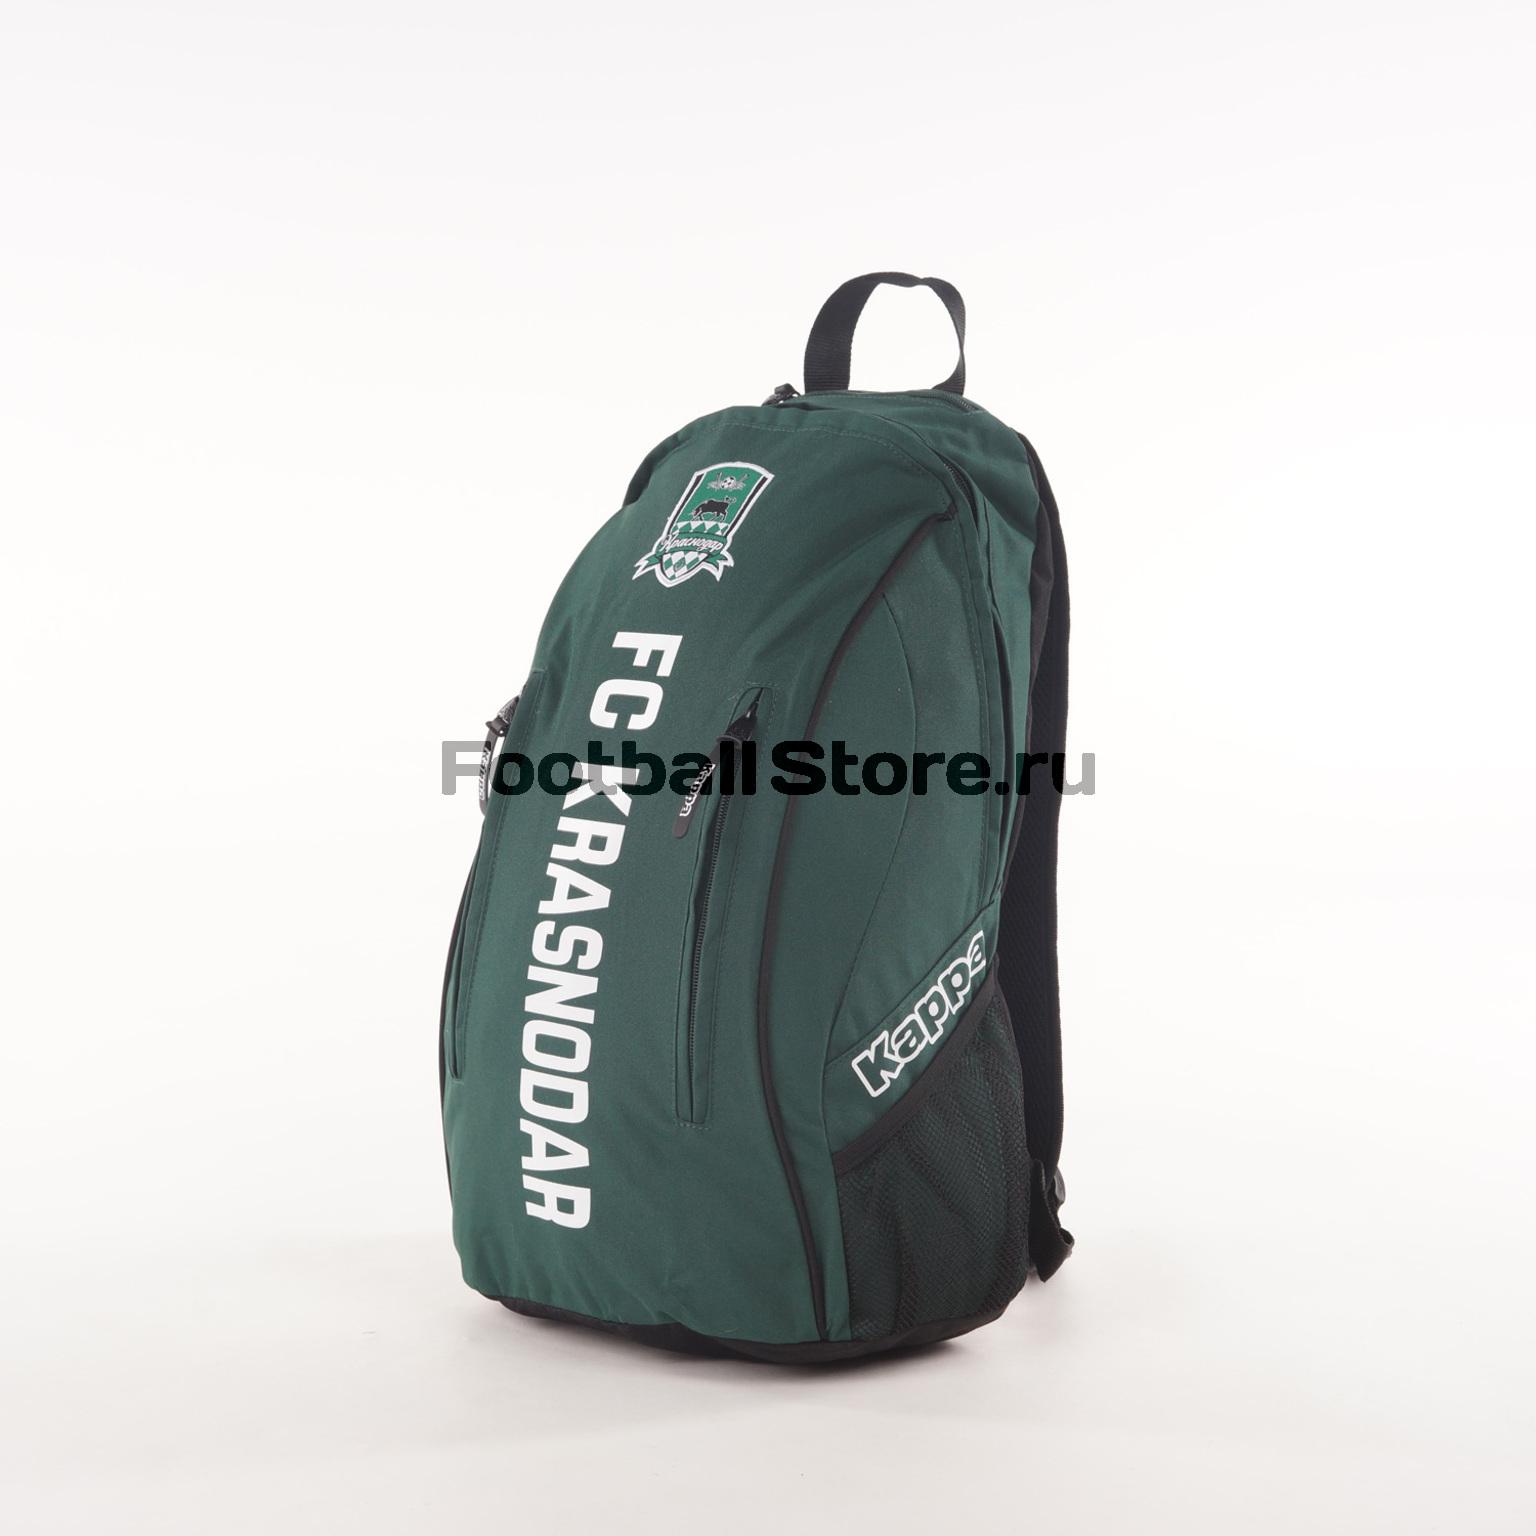 Рюкзак купить интернет магазин краснодар городской рюкзак купить недорого в украине